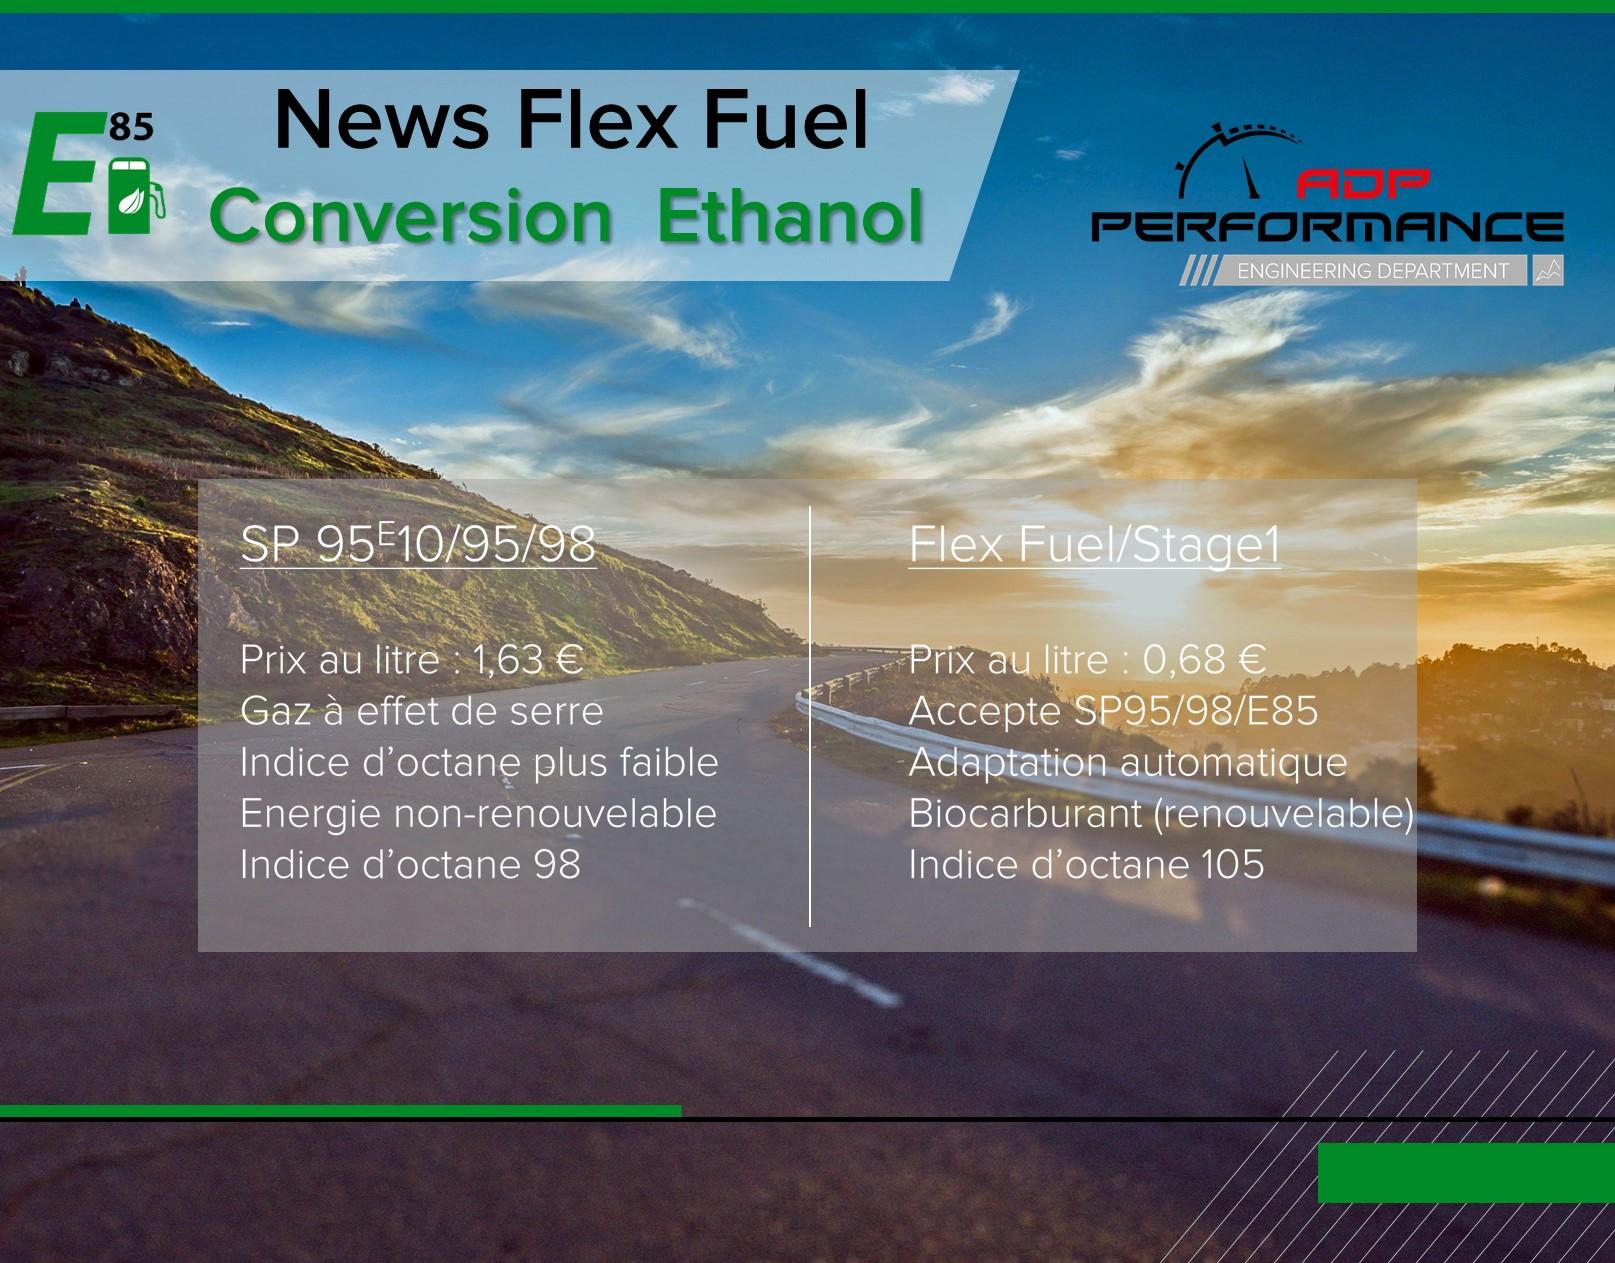 conversion e85 flex fuel adp salon de provence actualites reprogrammation auto sur. Black Bedroom Furniture Sets. Home Design Ideas